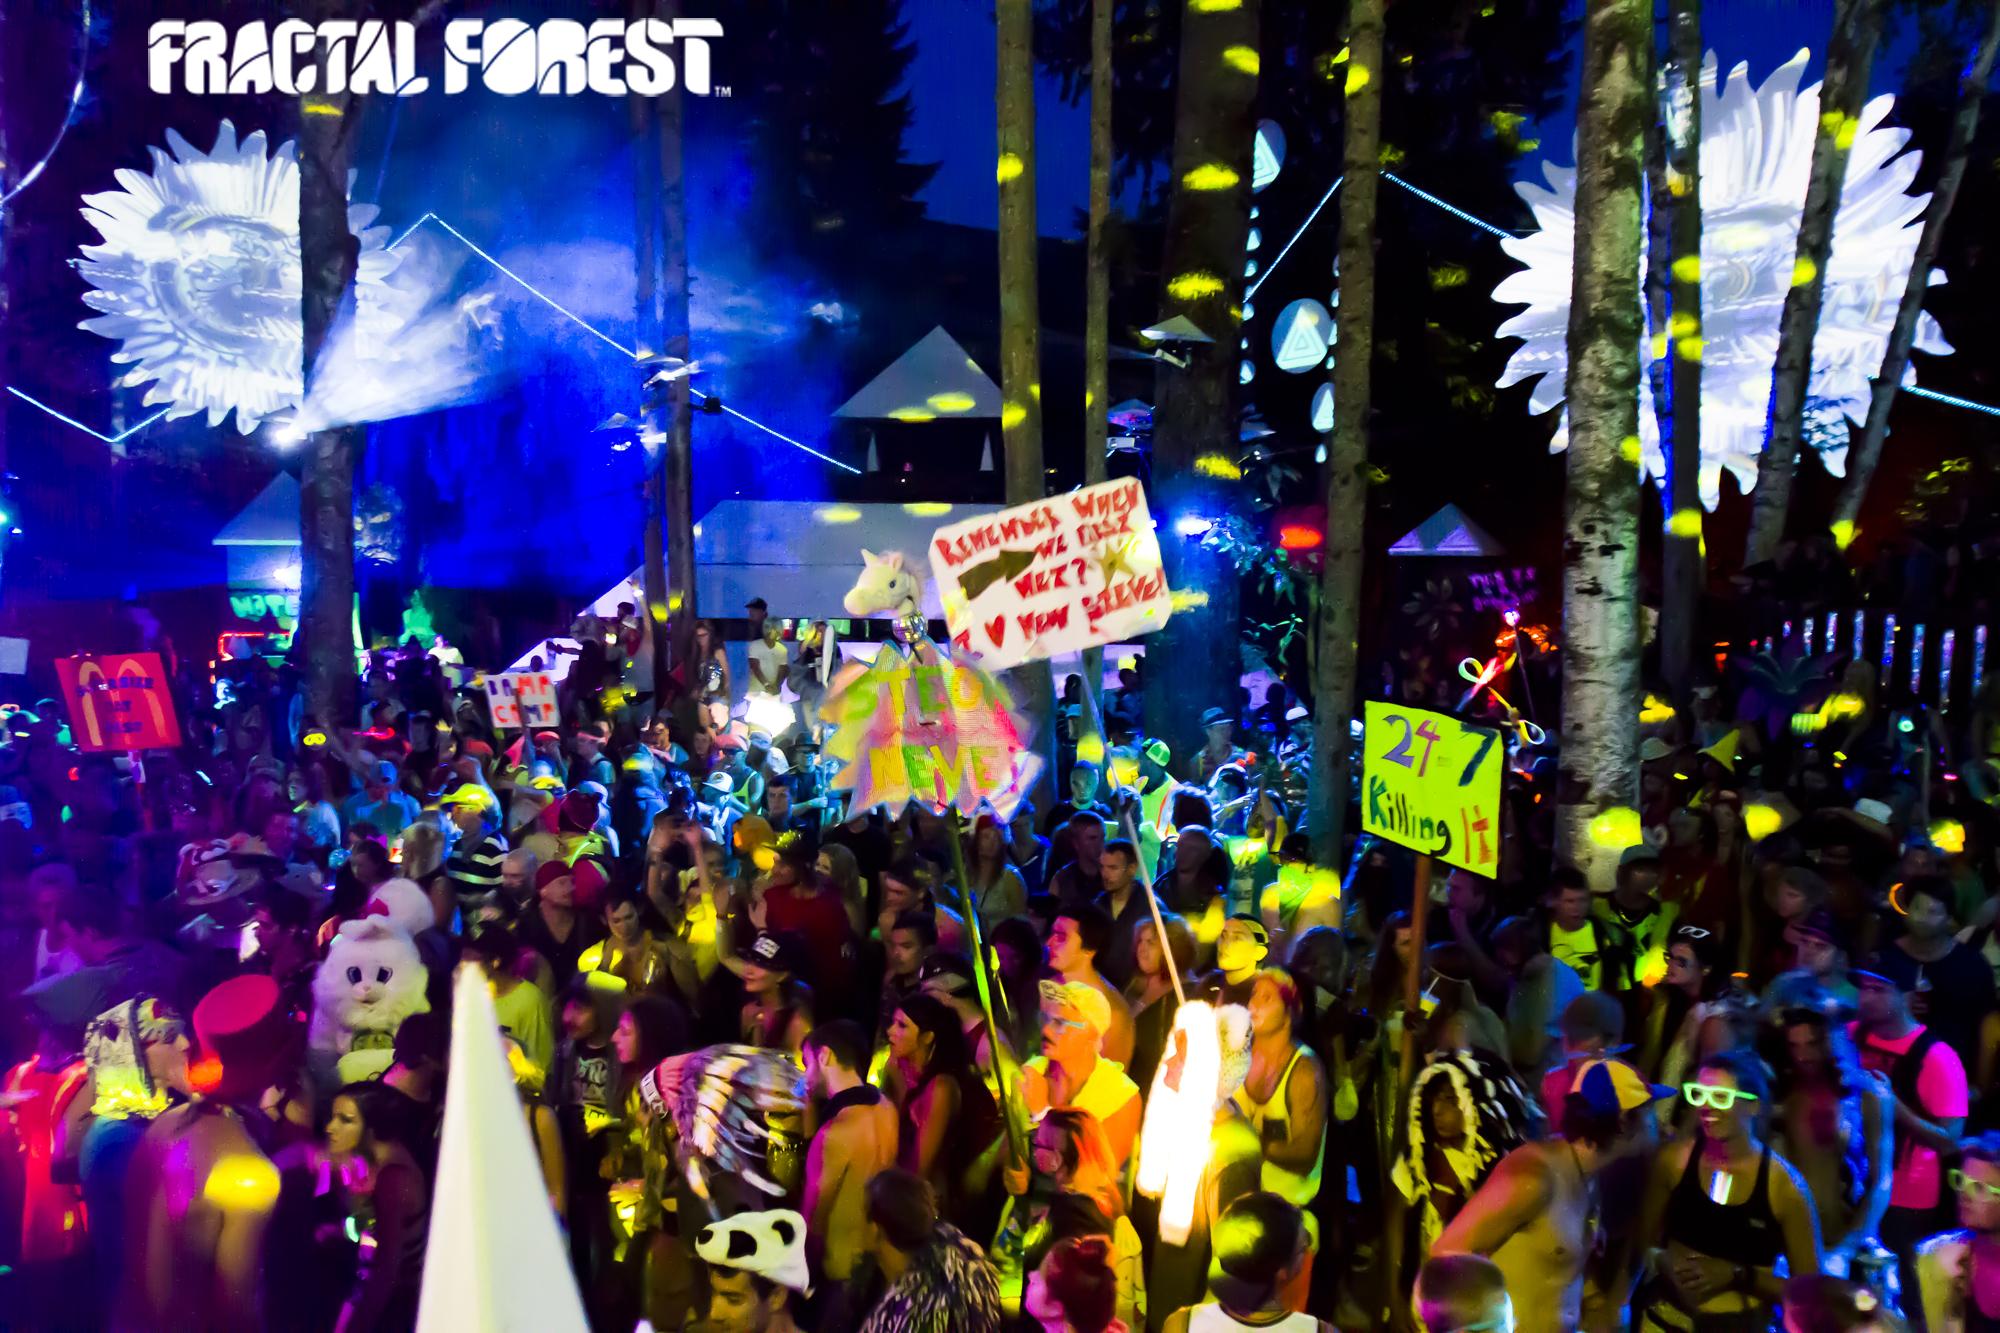 Fractal-Forest-High-Rez-82